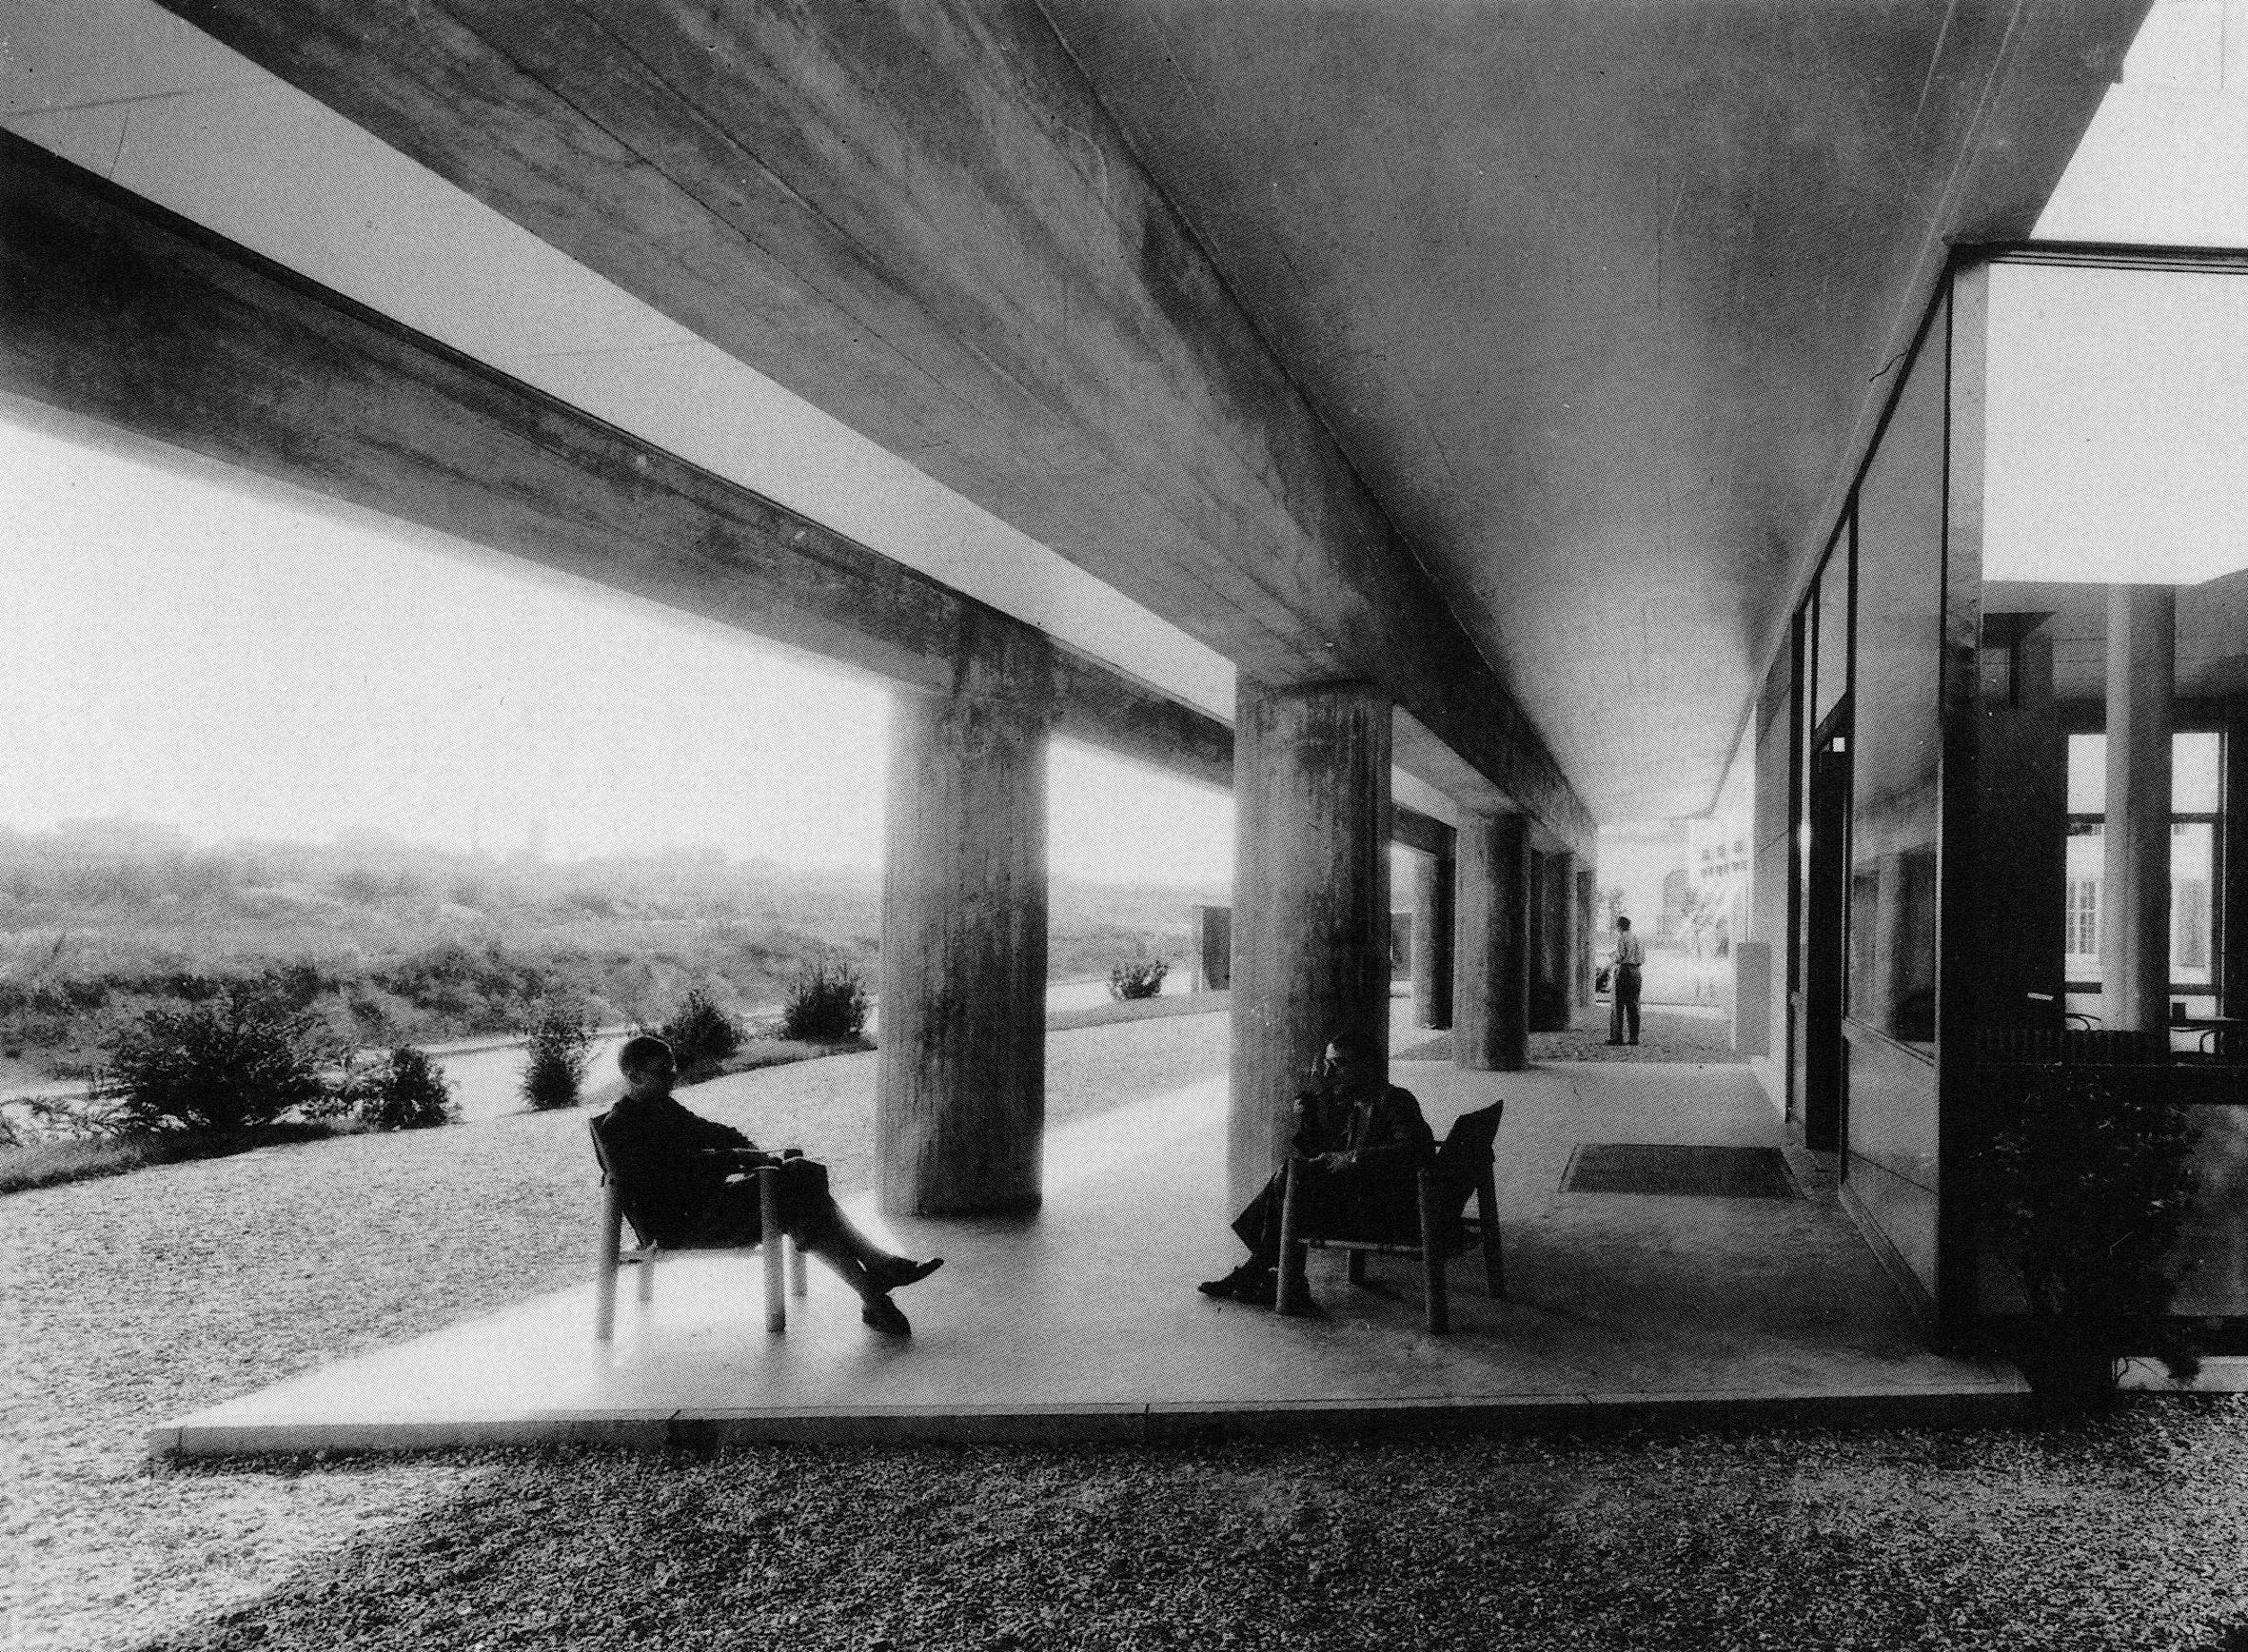 histoire du b timent fondation suisse architecte le corbusier. Black Bedroom Furniture Sets. Home Design Ideas